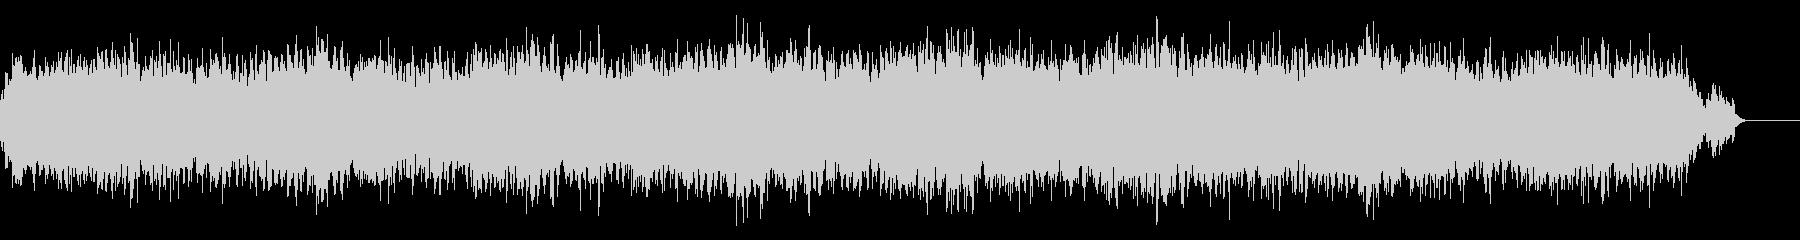 ピアノとパッドのドキュメンタリー風BGMの未再生の波形